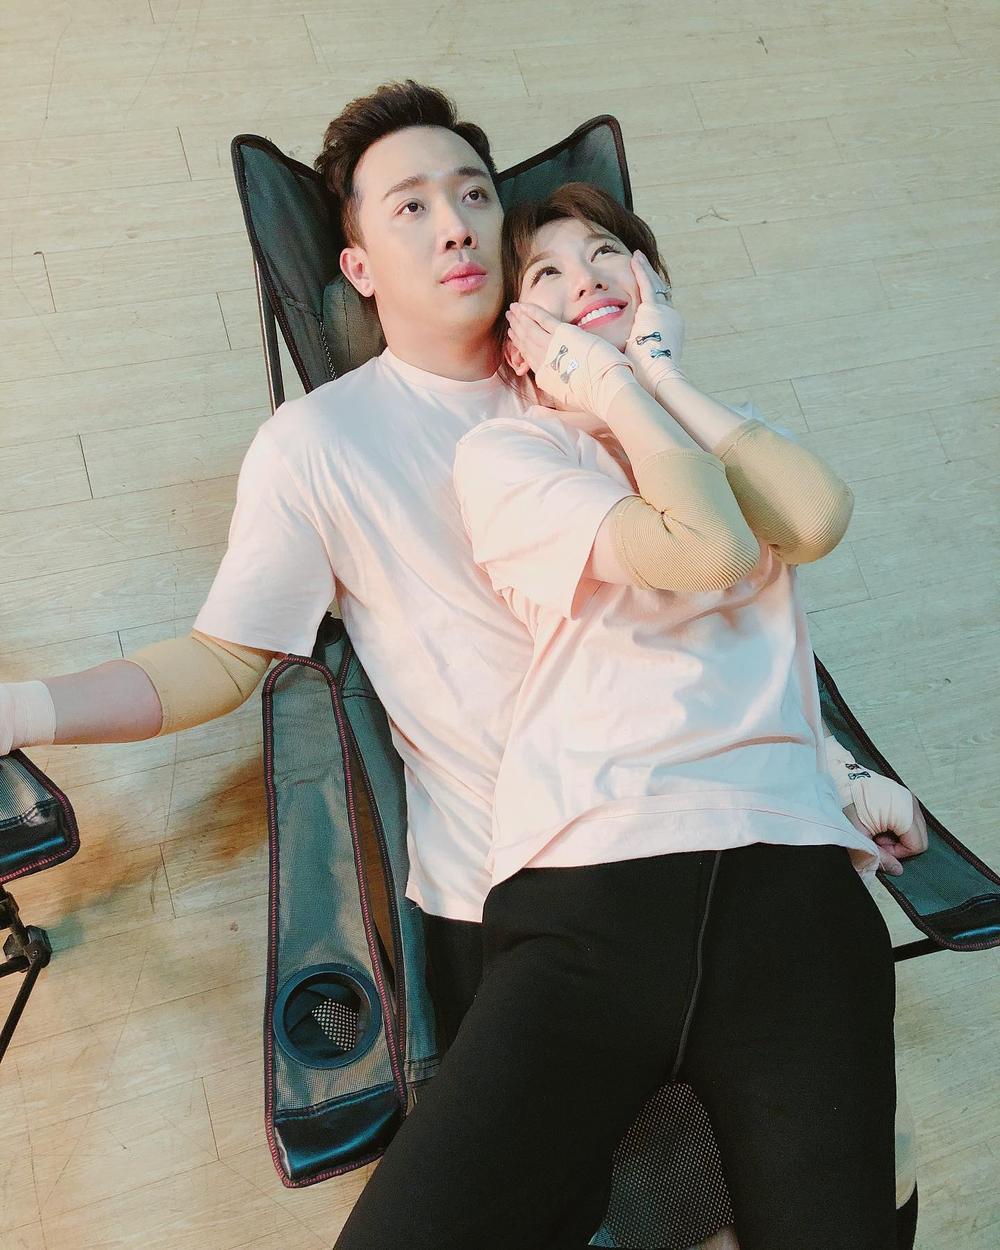 Lén Trấn Thành bắt trend nhảy Tik Tok, biểu cảm của Hari Won khiến fan thích thú Ảnh 1